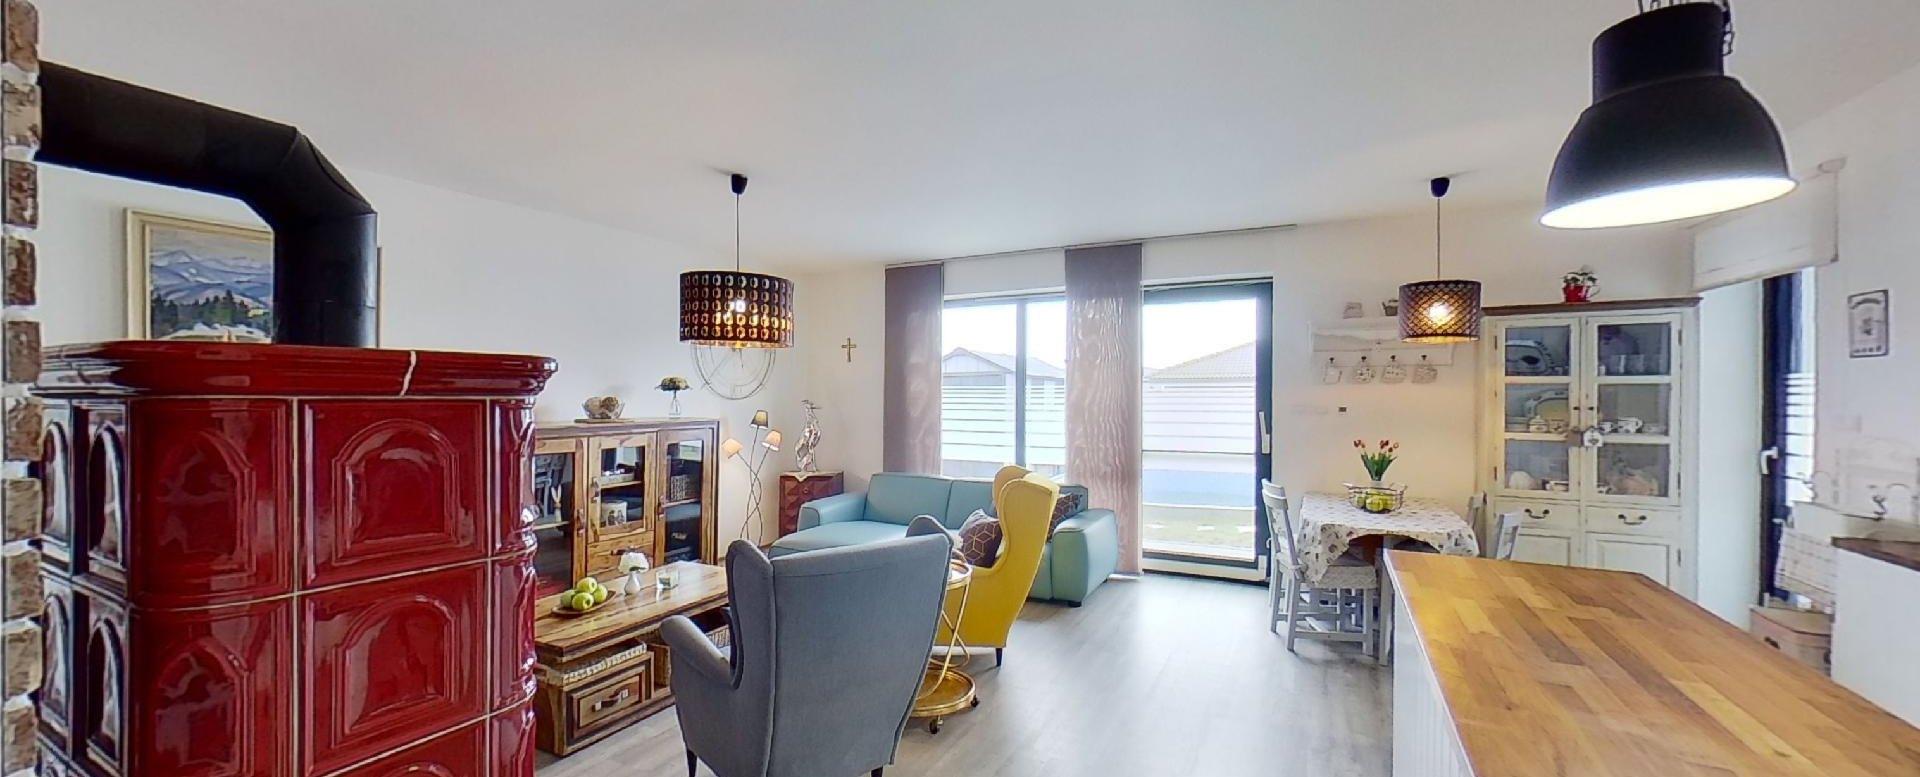 pohľad do obývacej izby s kuchyňou